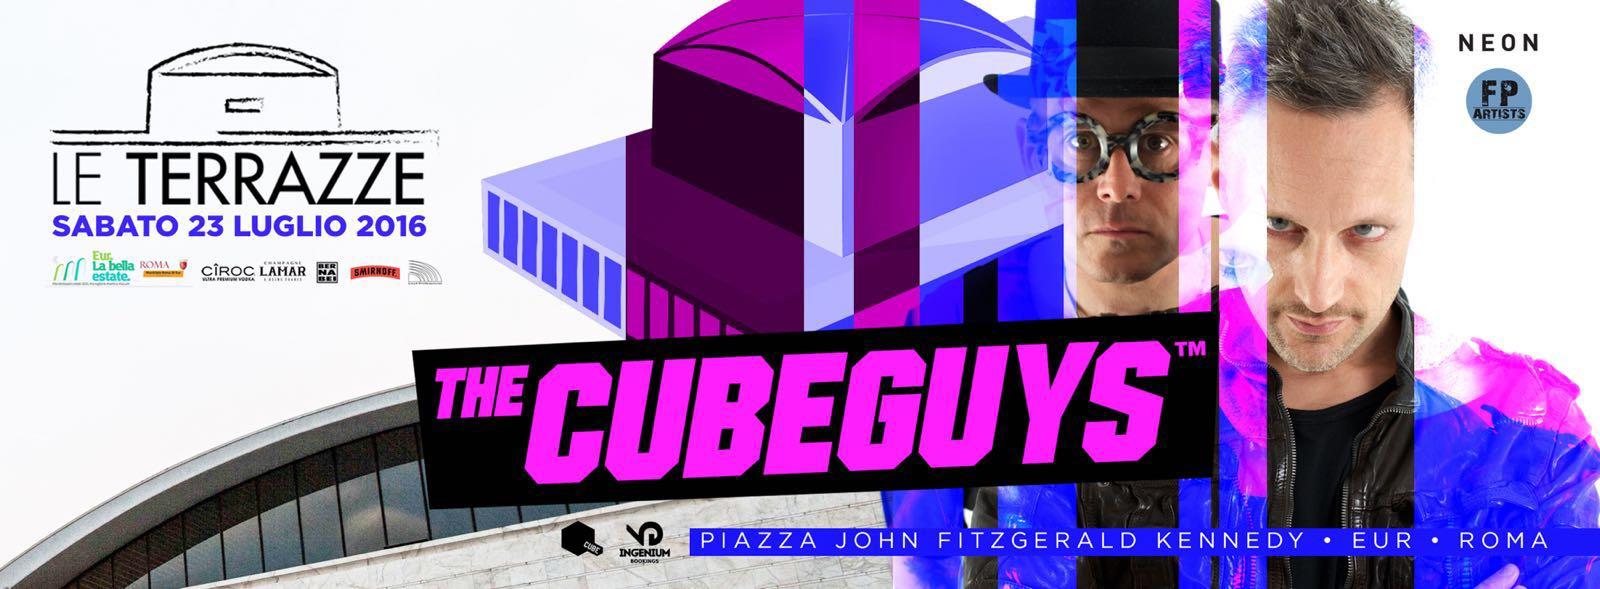 Cubeguys Le Terrazze Roma sabato 23 luglio 2016